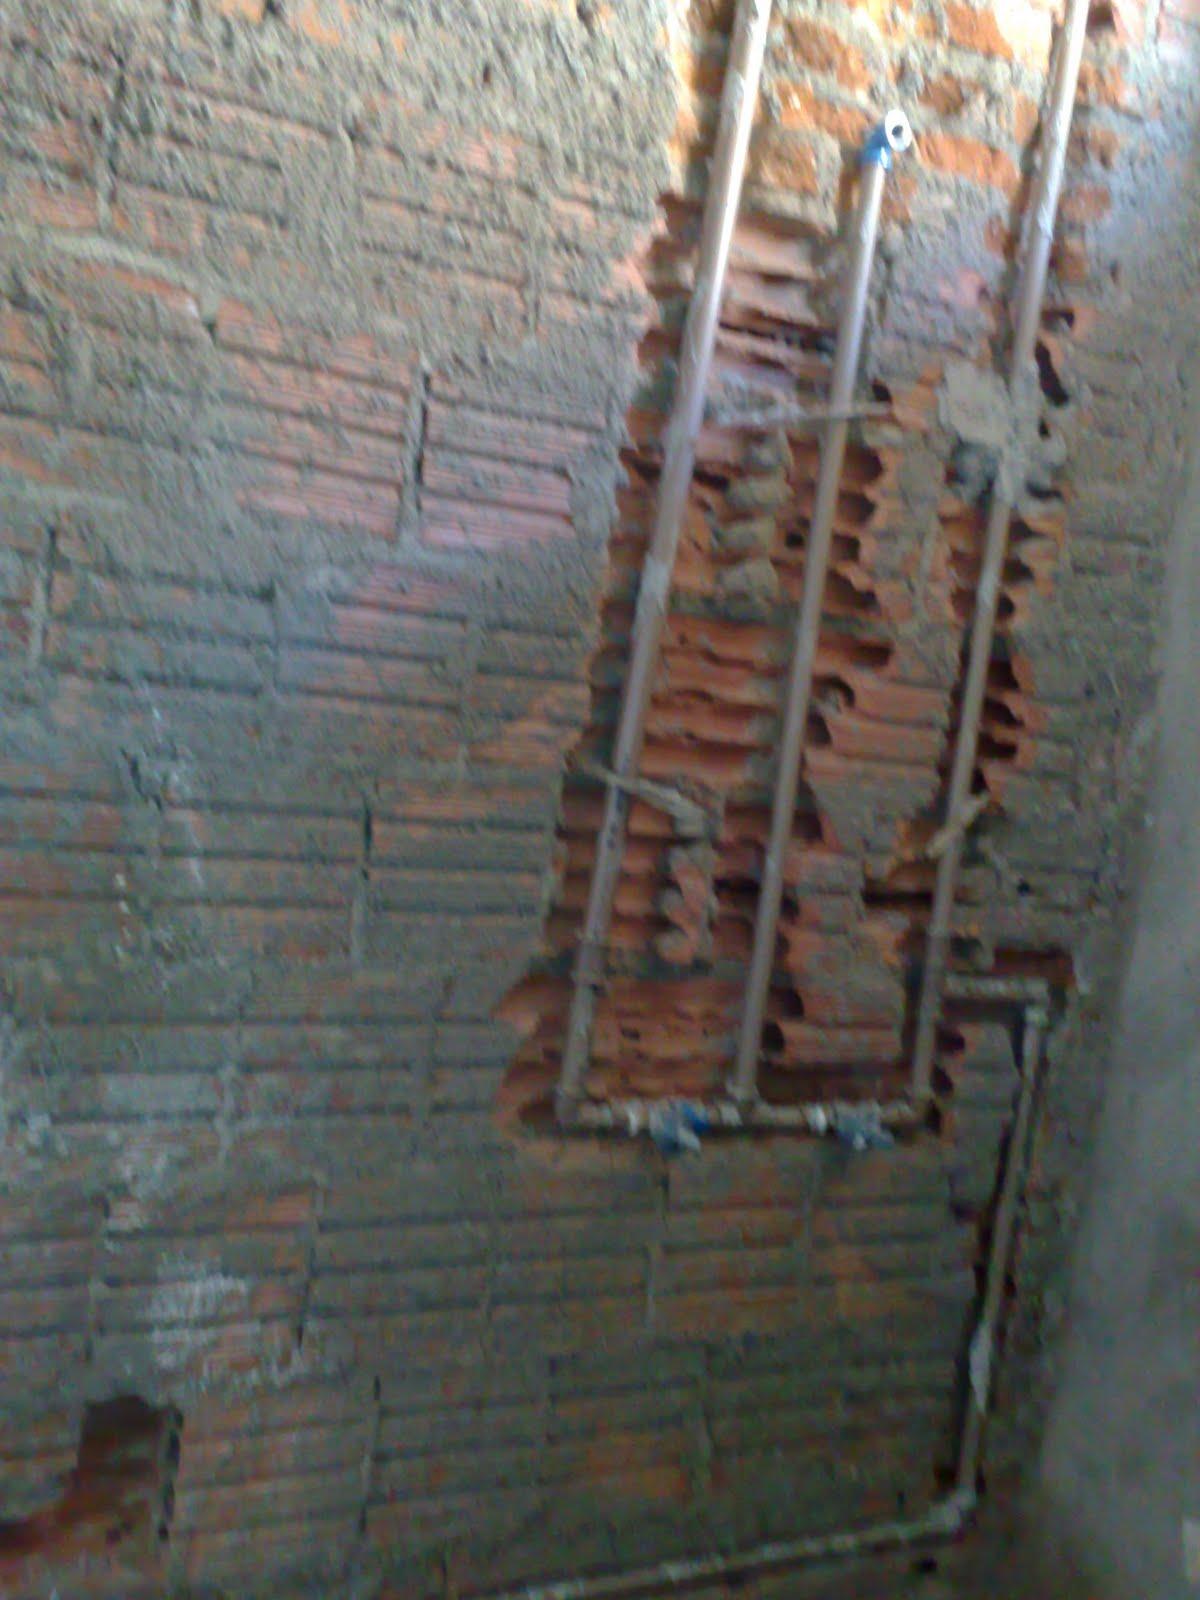 Passo a passo da construção da minha primeira casa: encanamento #7E684D 1200x1600 Banheiro Com Cheiro De Esgoto O Que Fazer